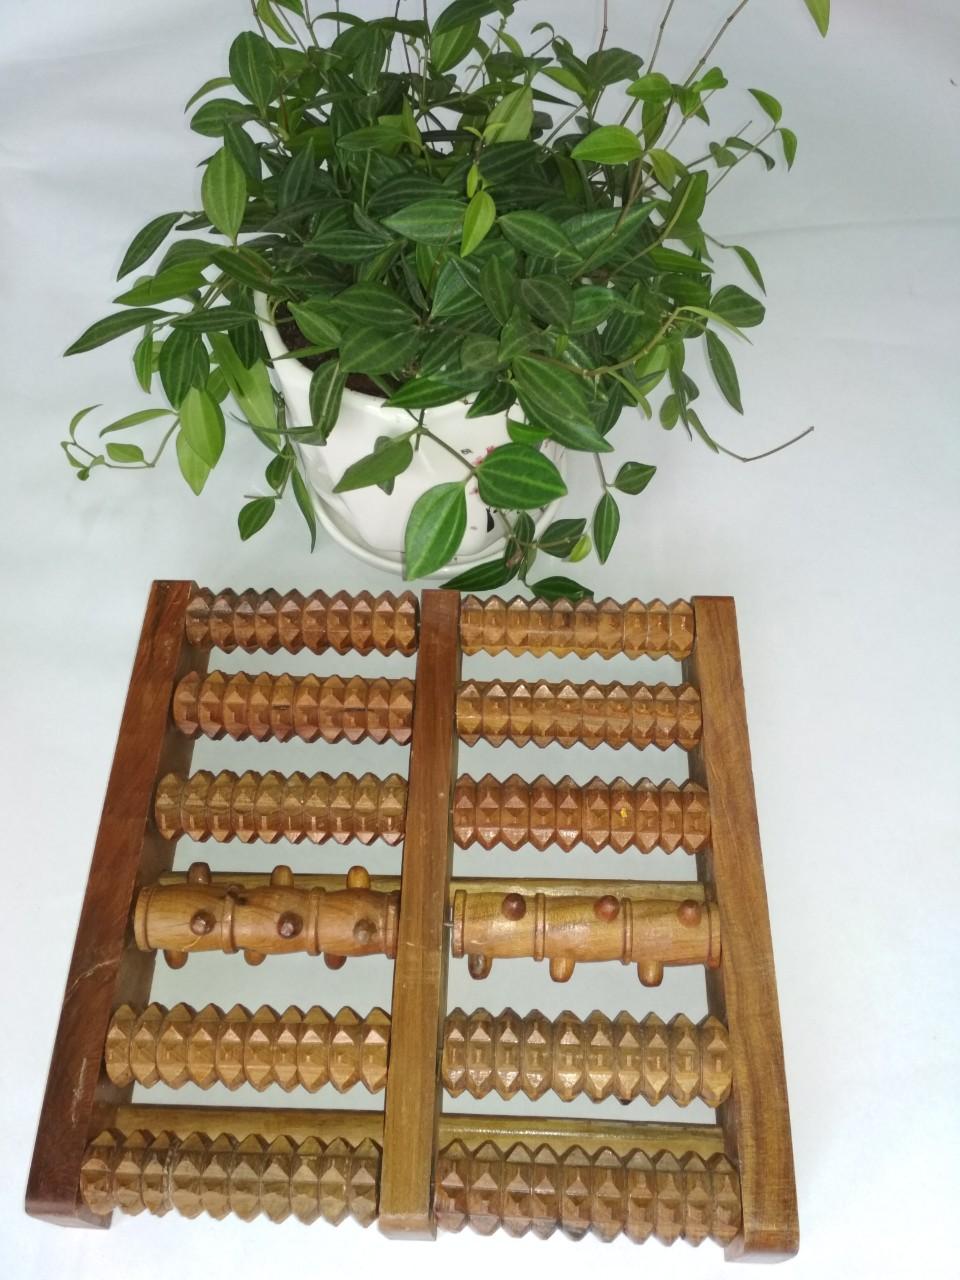 Dụng cụ lăn chân bằng gỗ bách xanh.